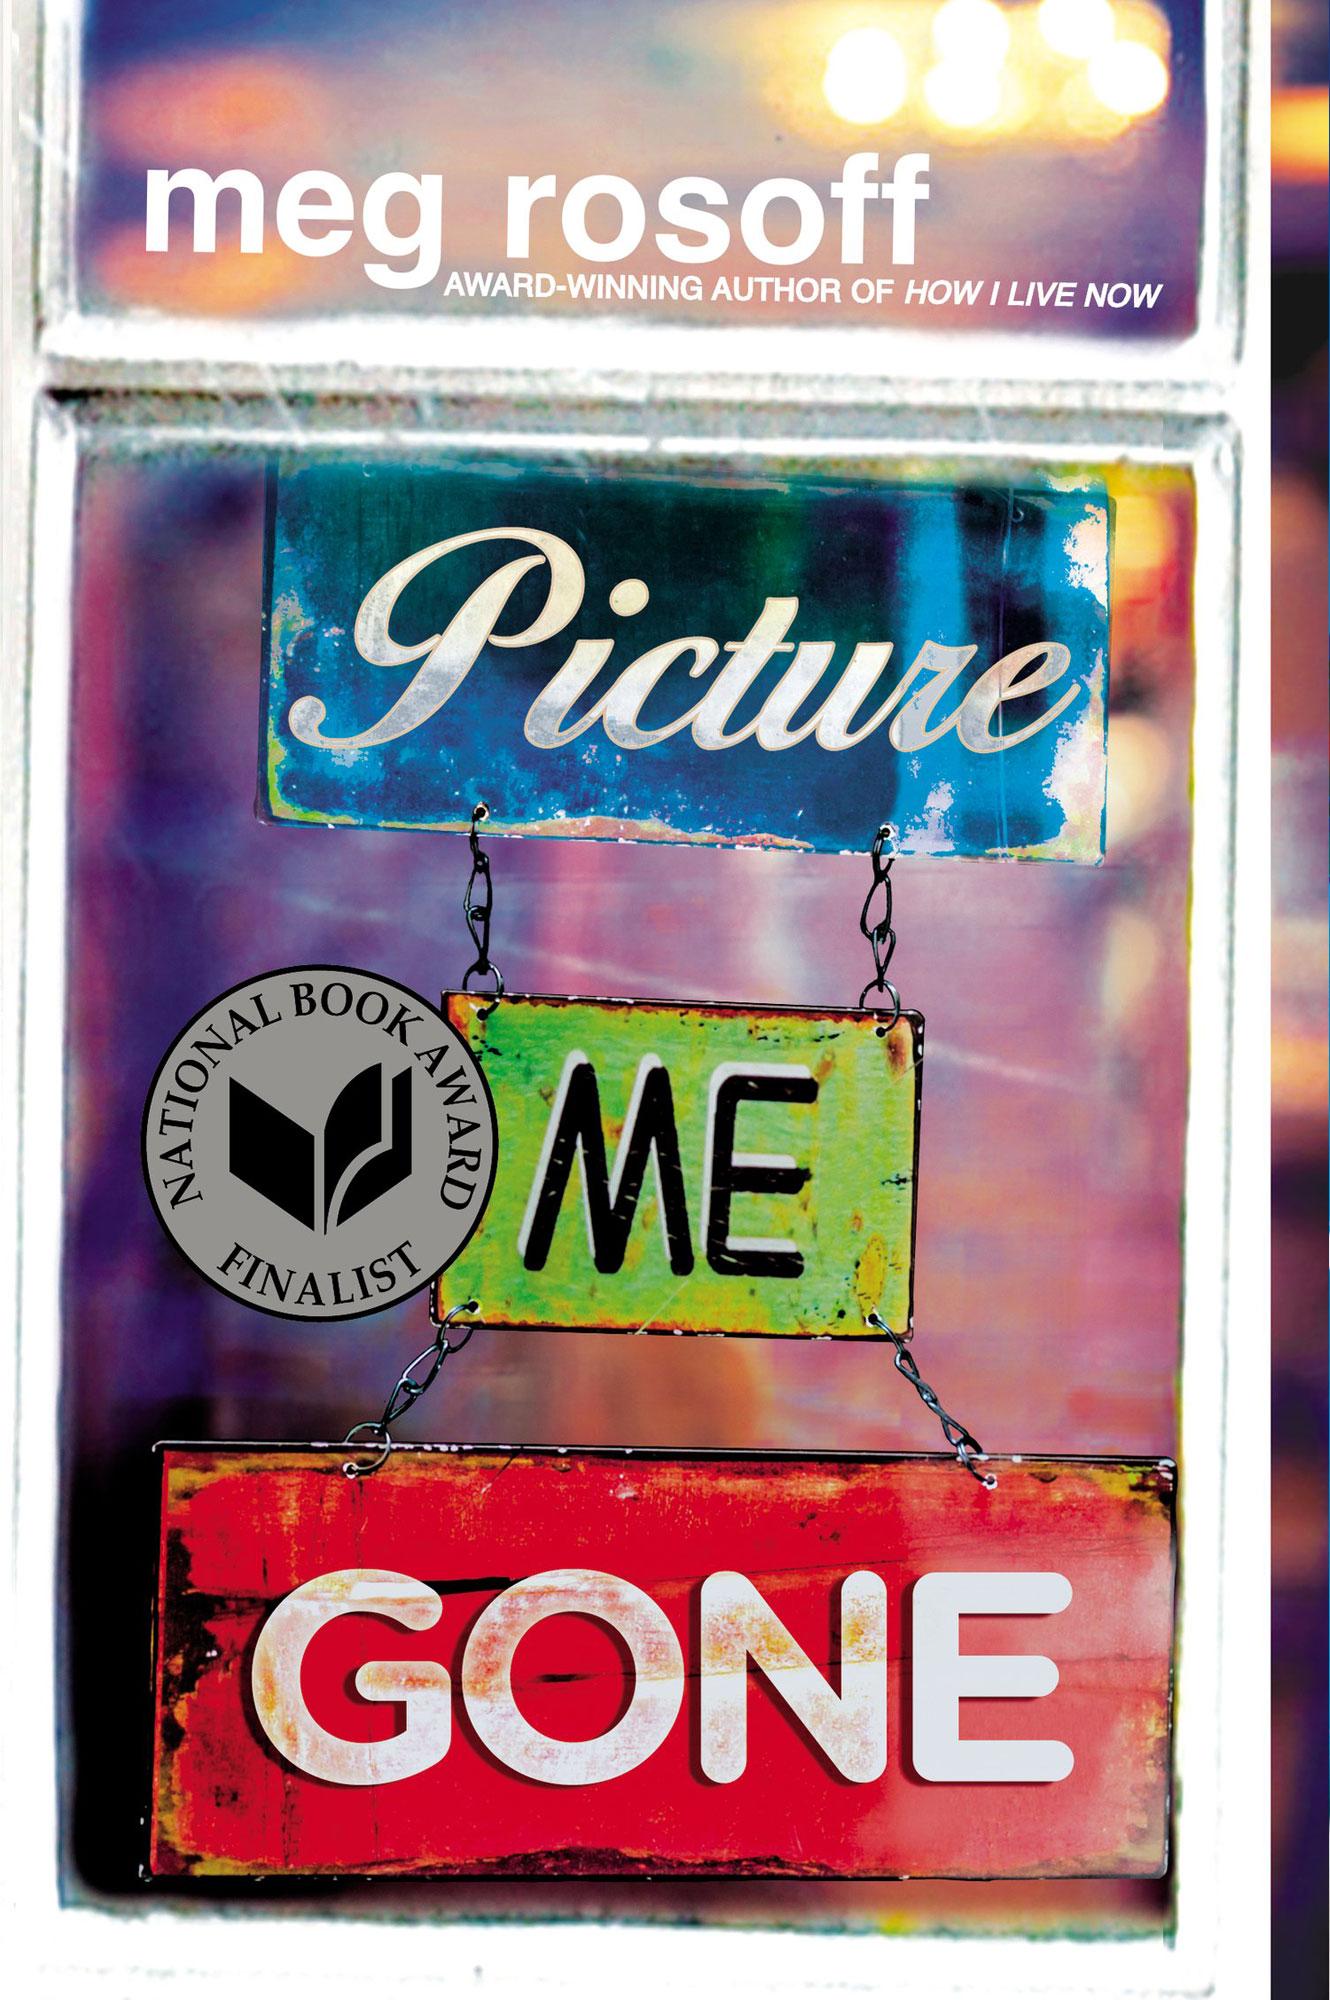 Meg-Rosoff---Picture-Me-Gone-4.jpg